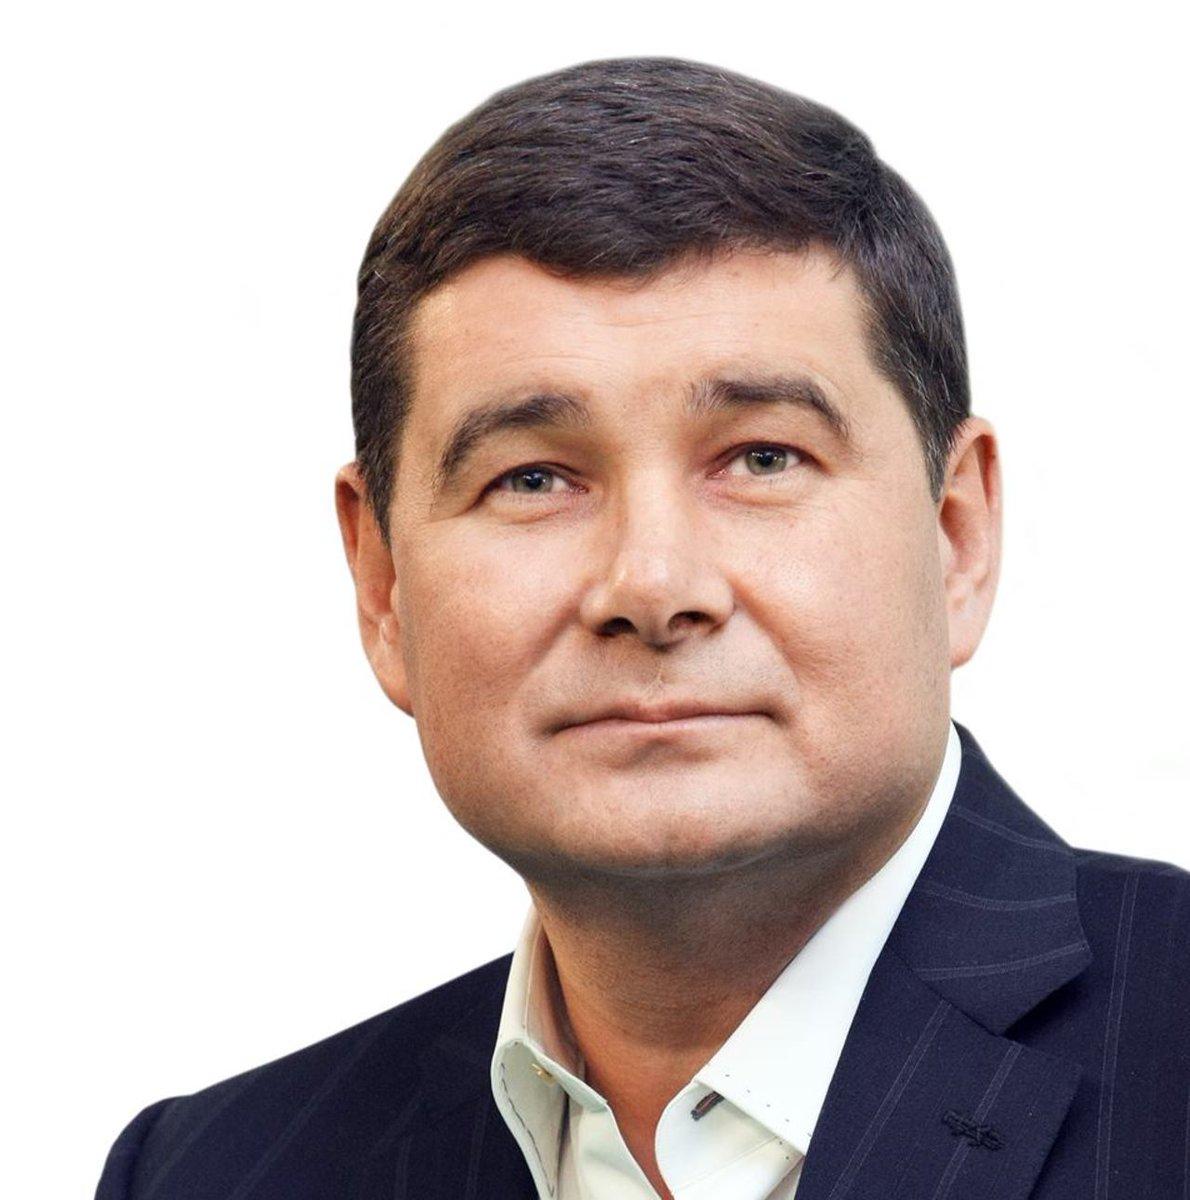 НАБУ готує клопотання про міжнародний розшук Онищенка